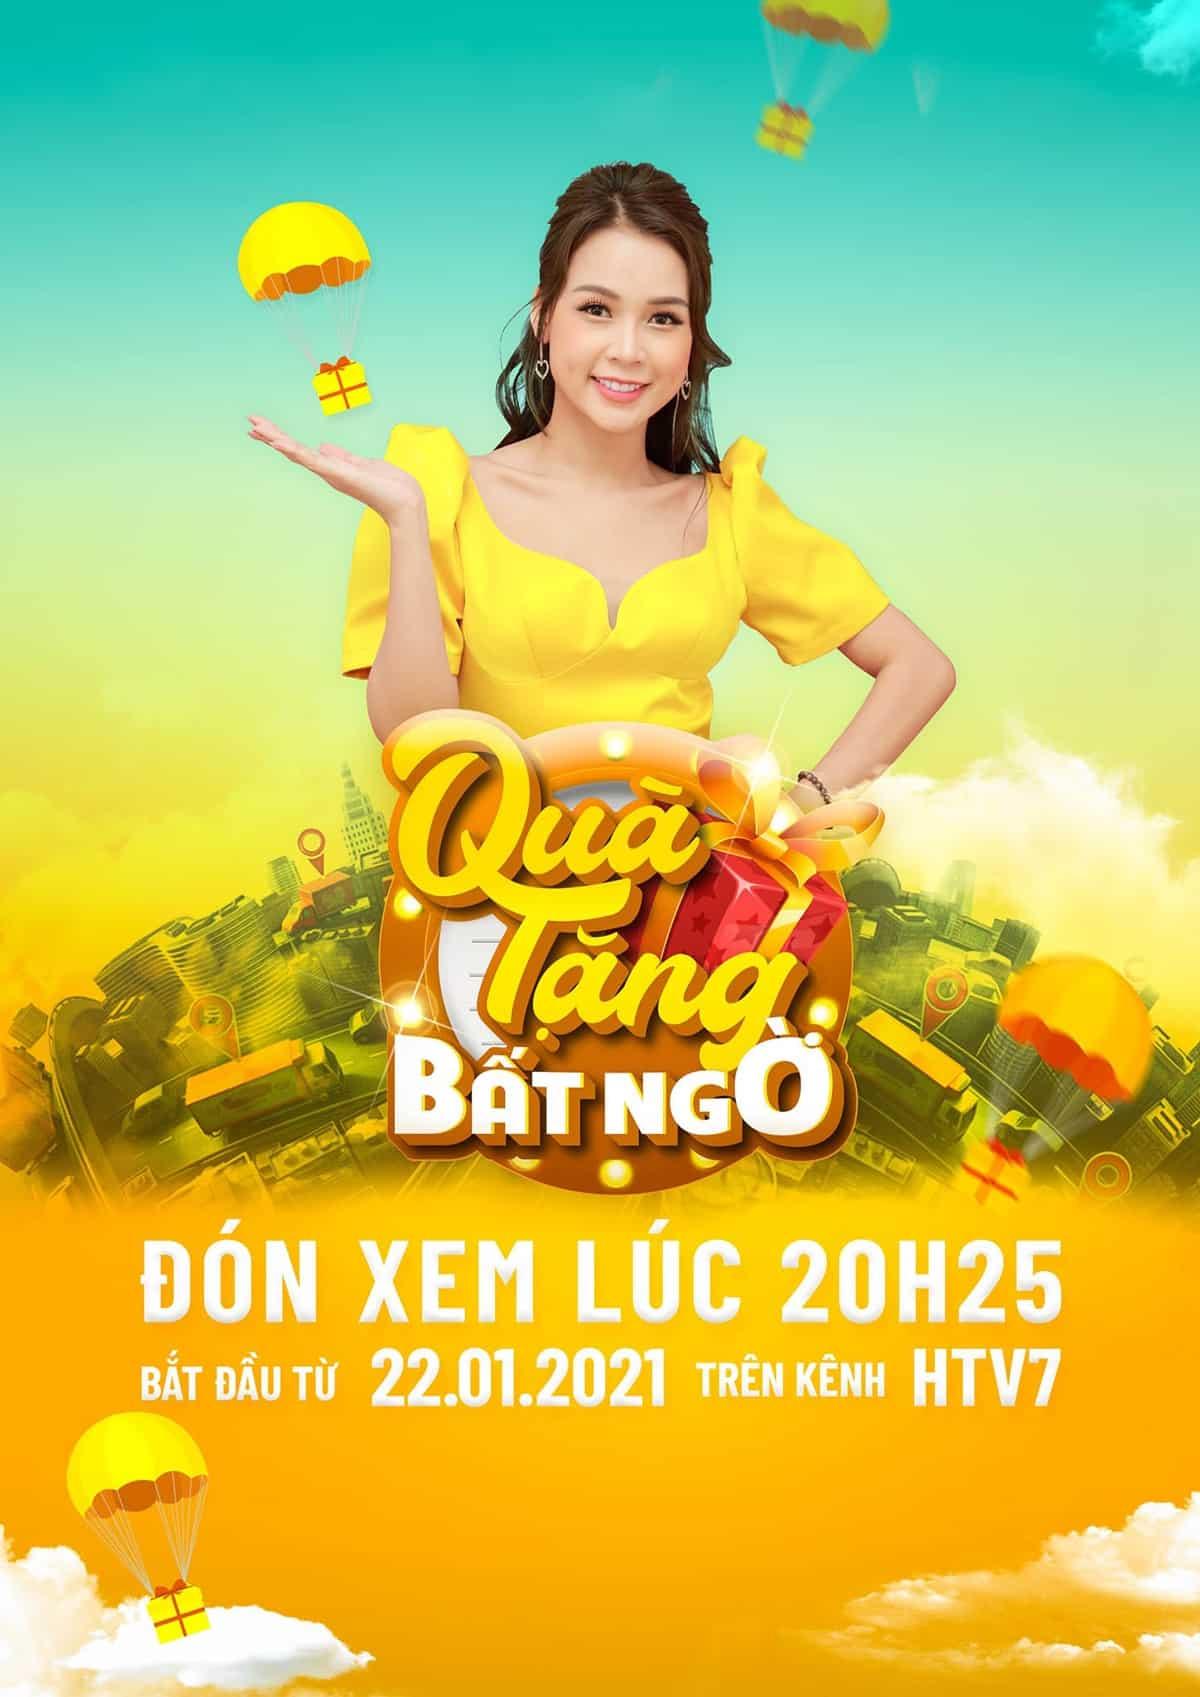 Quà tặng bất ngờ sẽ quay ngoại cảnh tại Bình Thuận